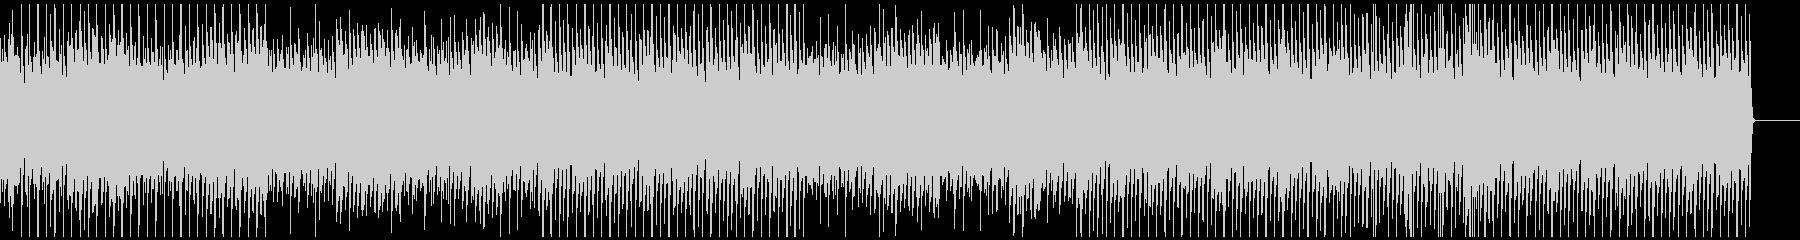 アコースティックセンチメンタル#26−4の未再生の波形